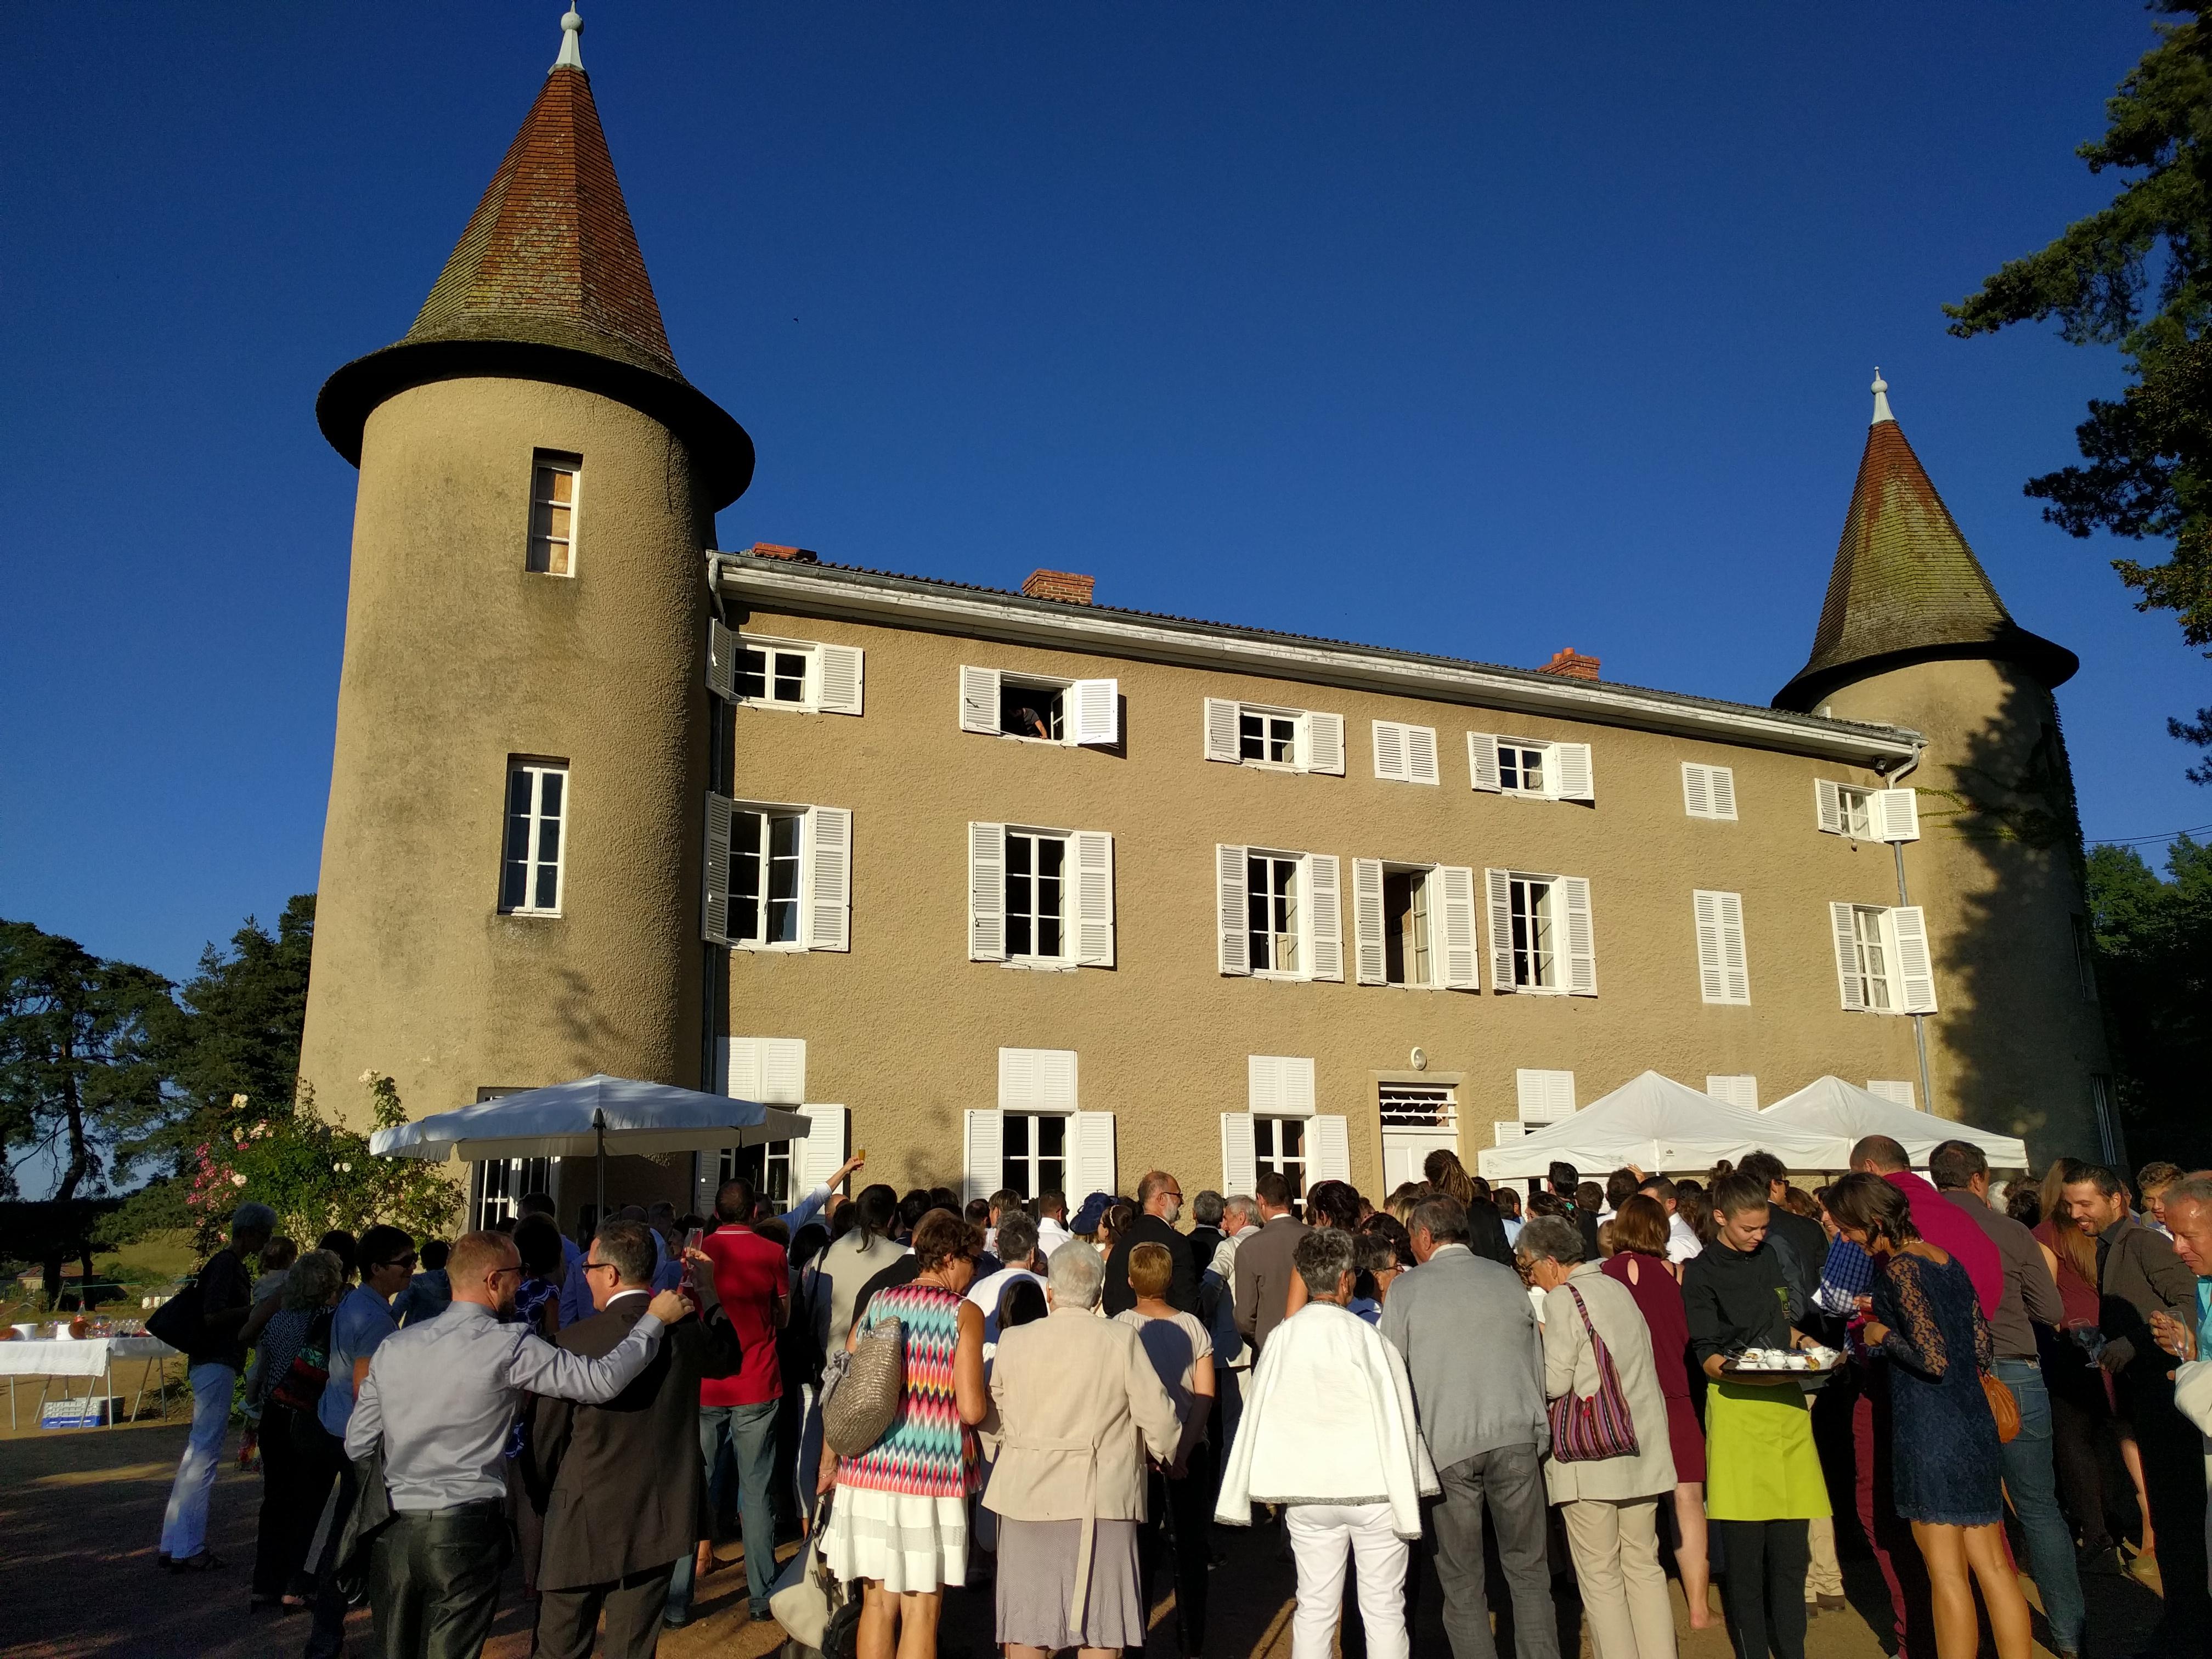 Scéance_photo_pendant_le_cocktail_au_Château_de_valsonnière